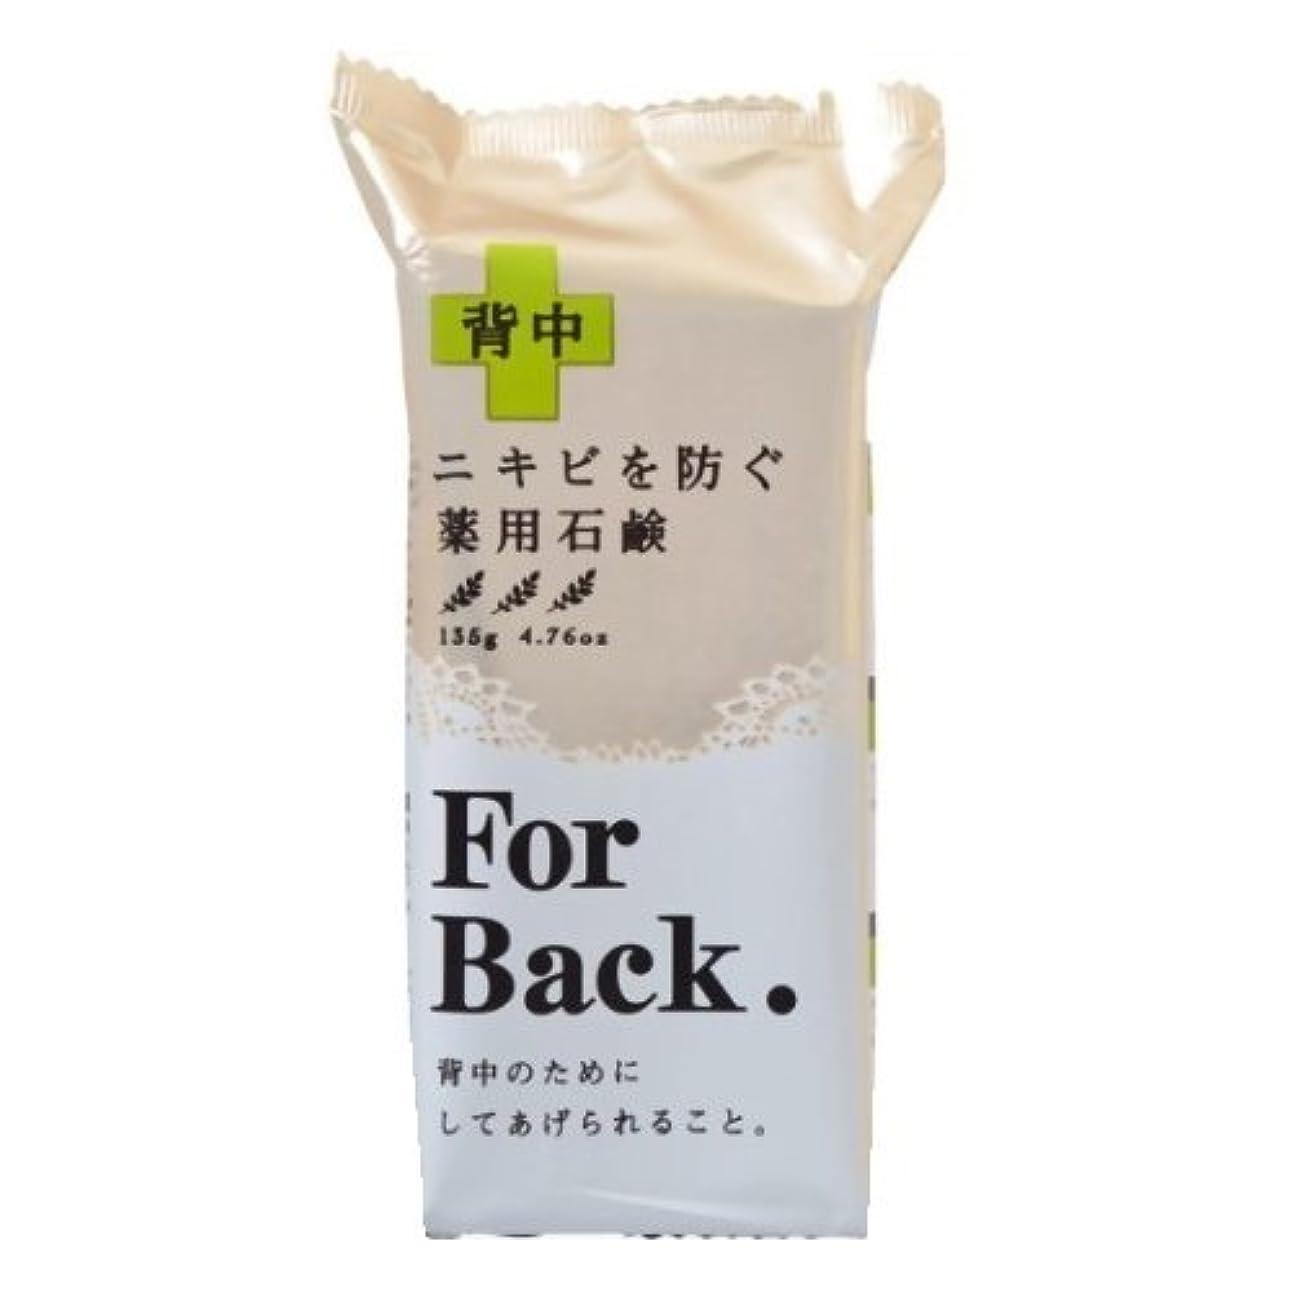 フォーク動機付ける市の中心部薬用石鹸ForBack 135g